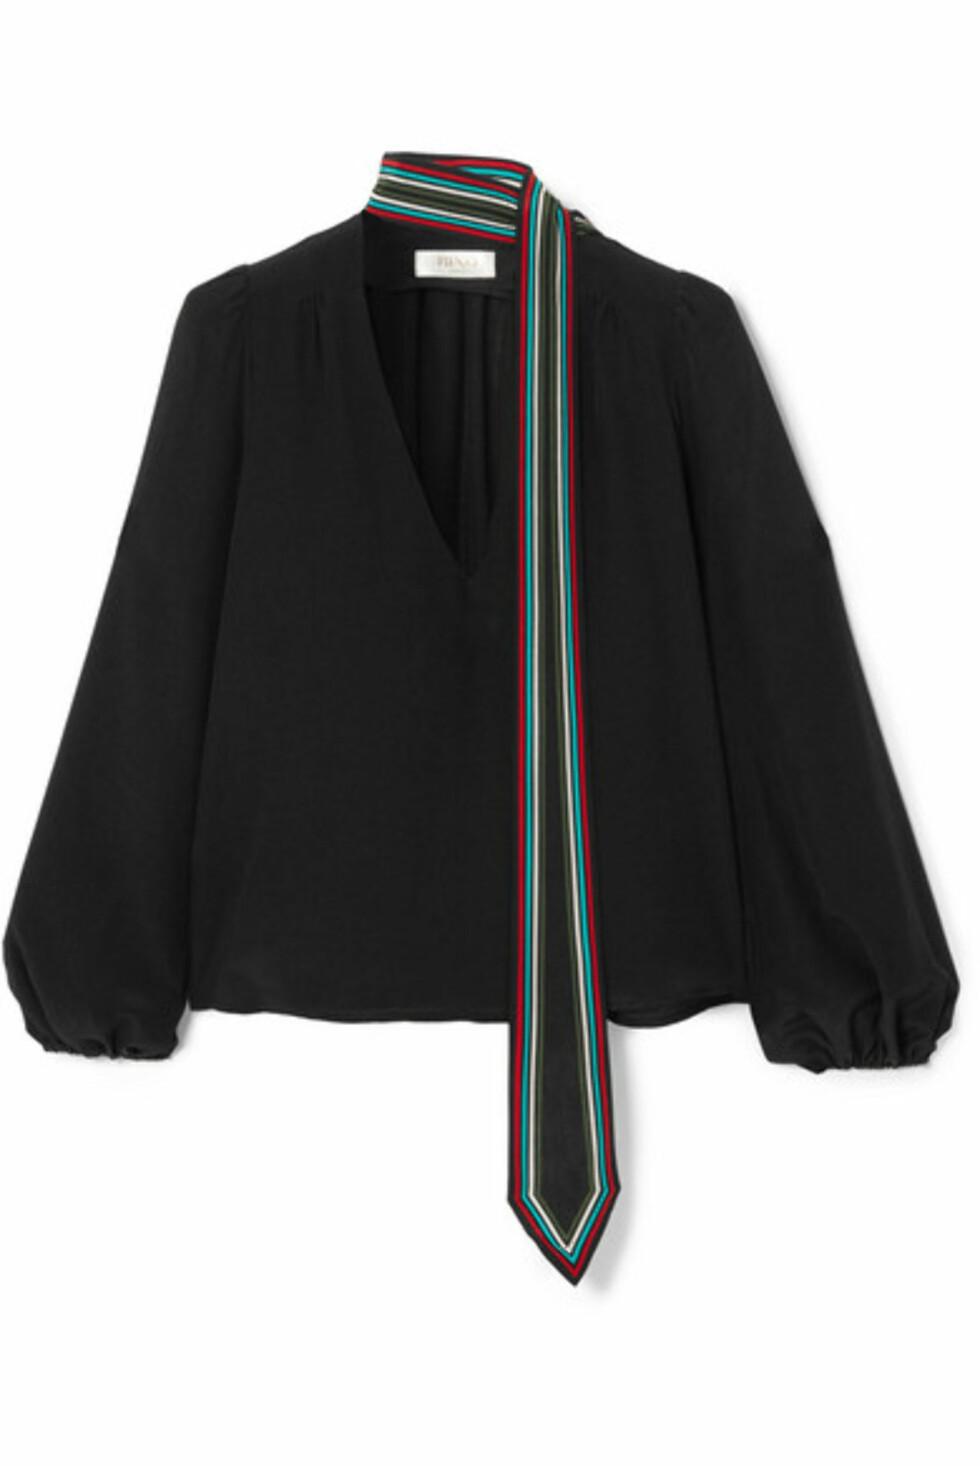 Fra Rixo London |2100,-| https://www.net-a-porter.com/no/en/product/1015264/rixo_london/kate-striped-silk-crepe-de-chine-blouse